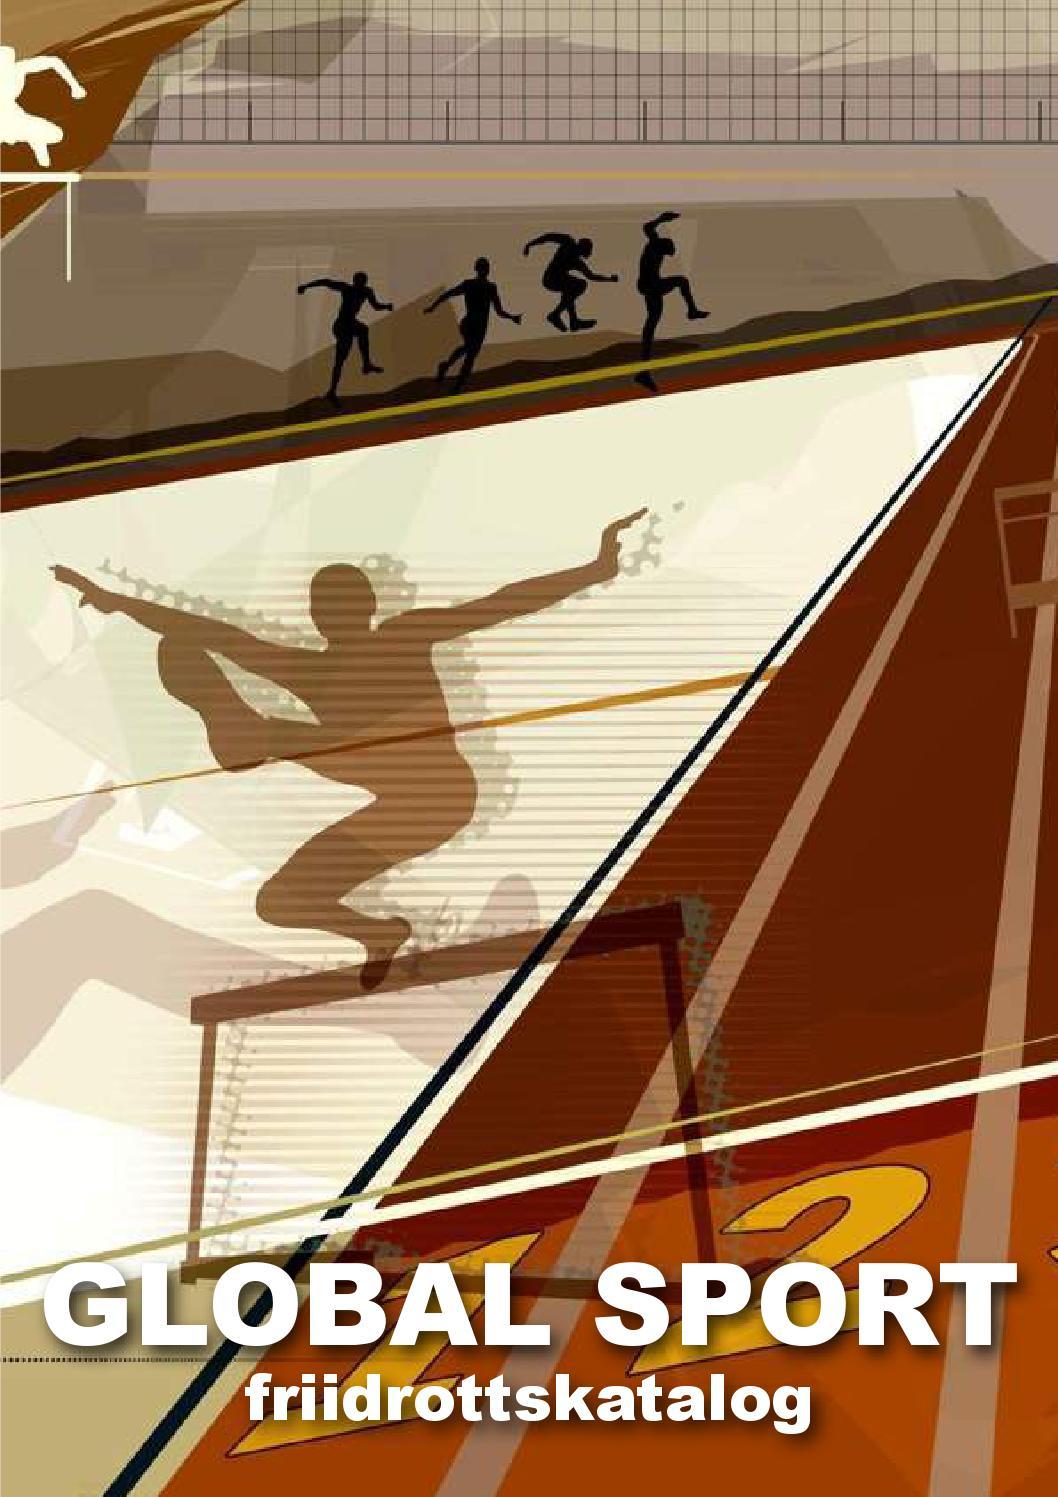 Friidrottskatalog by Global Sport Scandinavia AB - issuu dcc8a001ea281